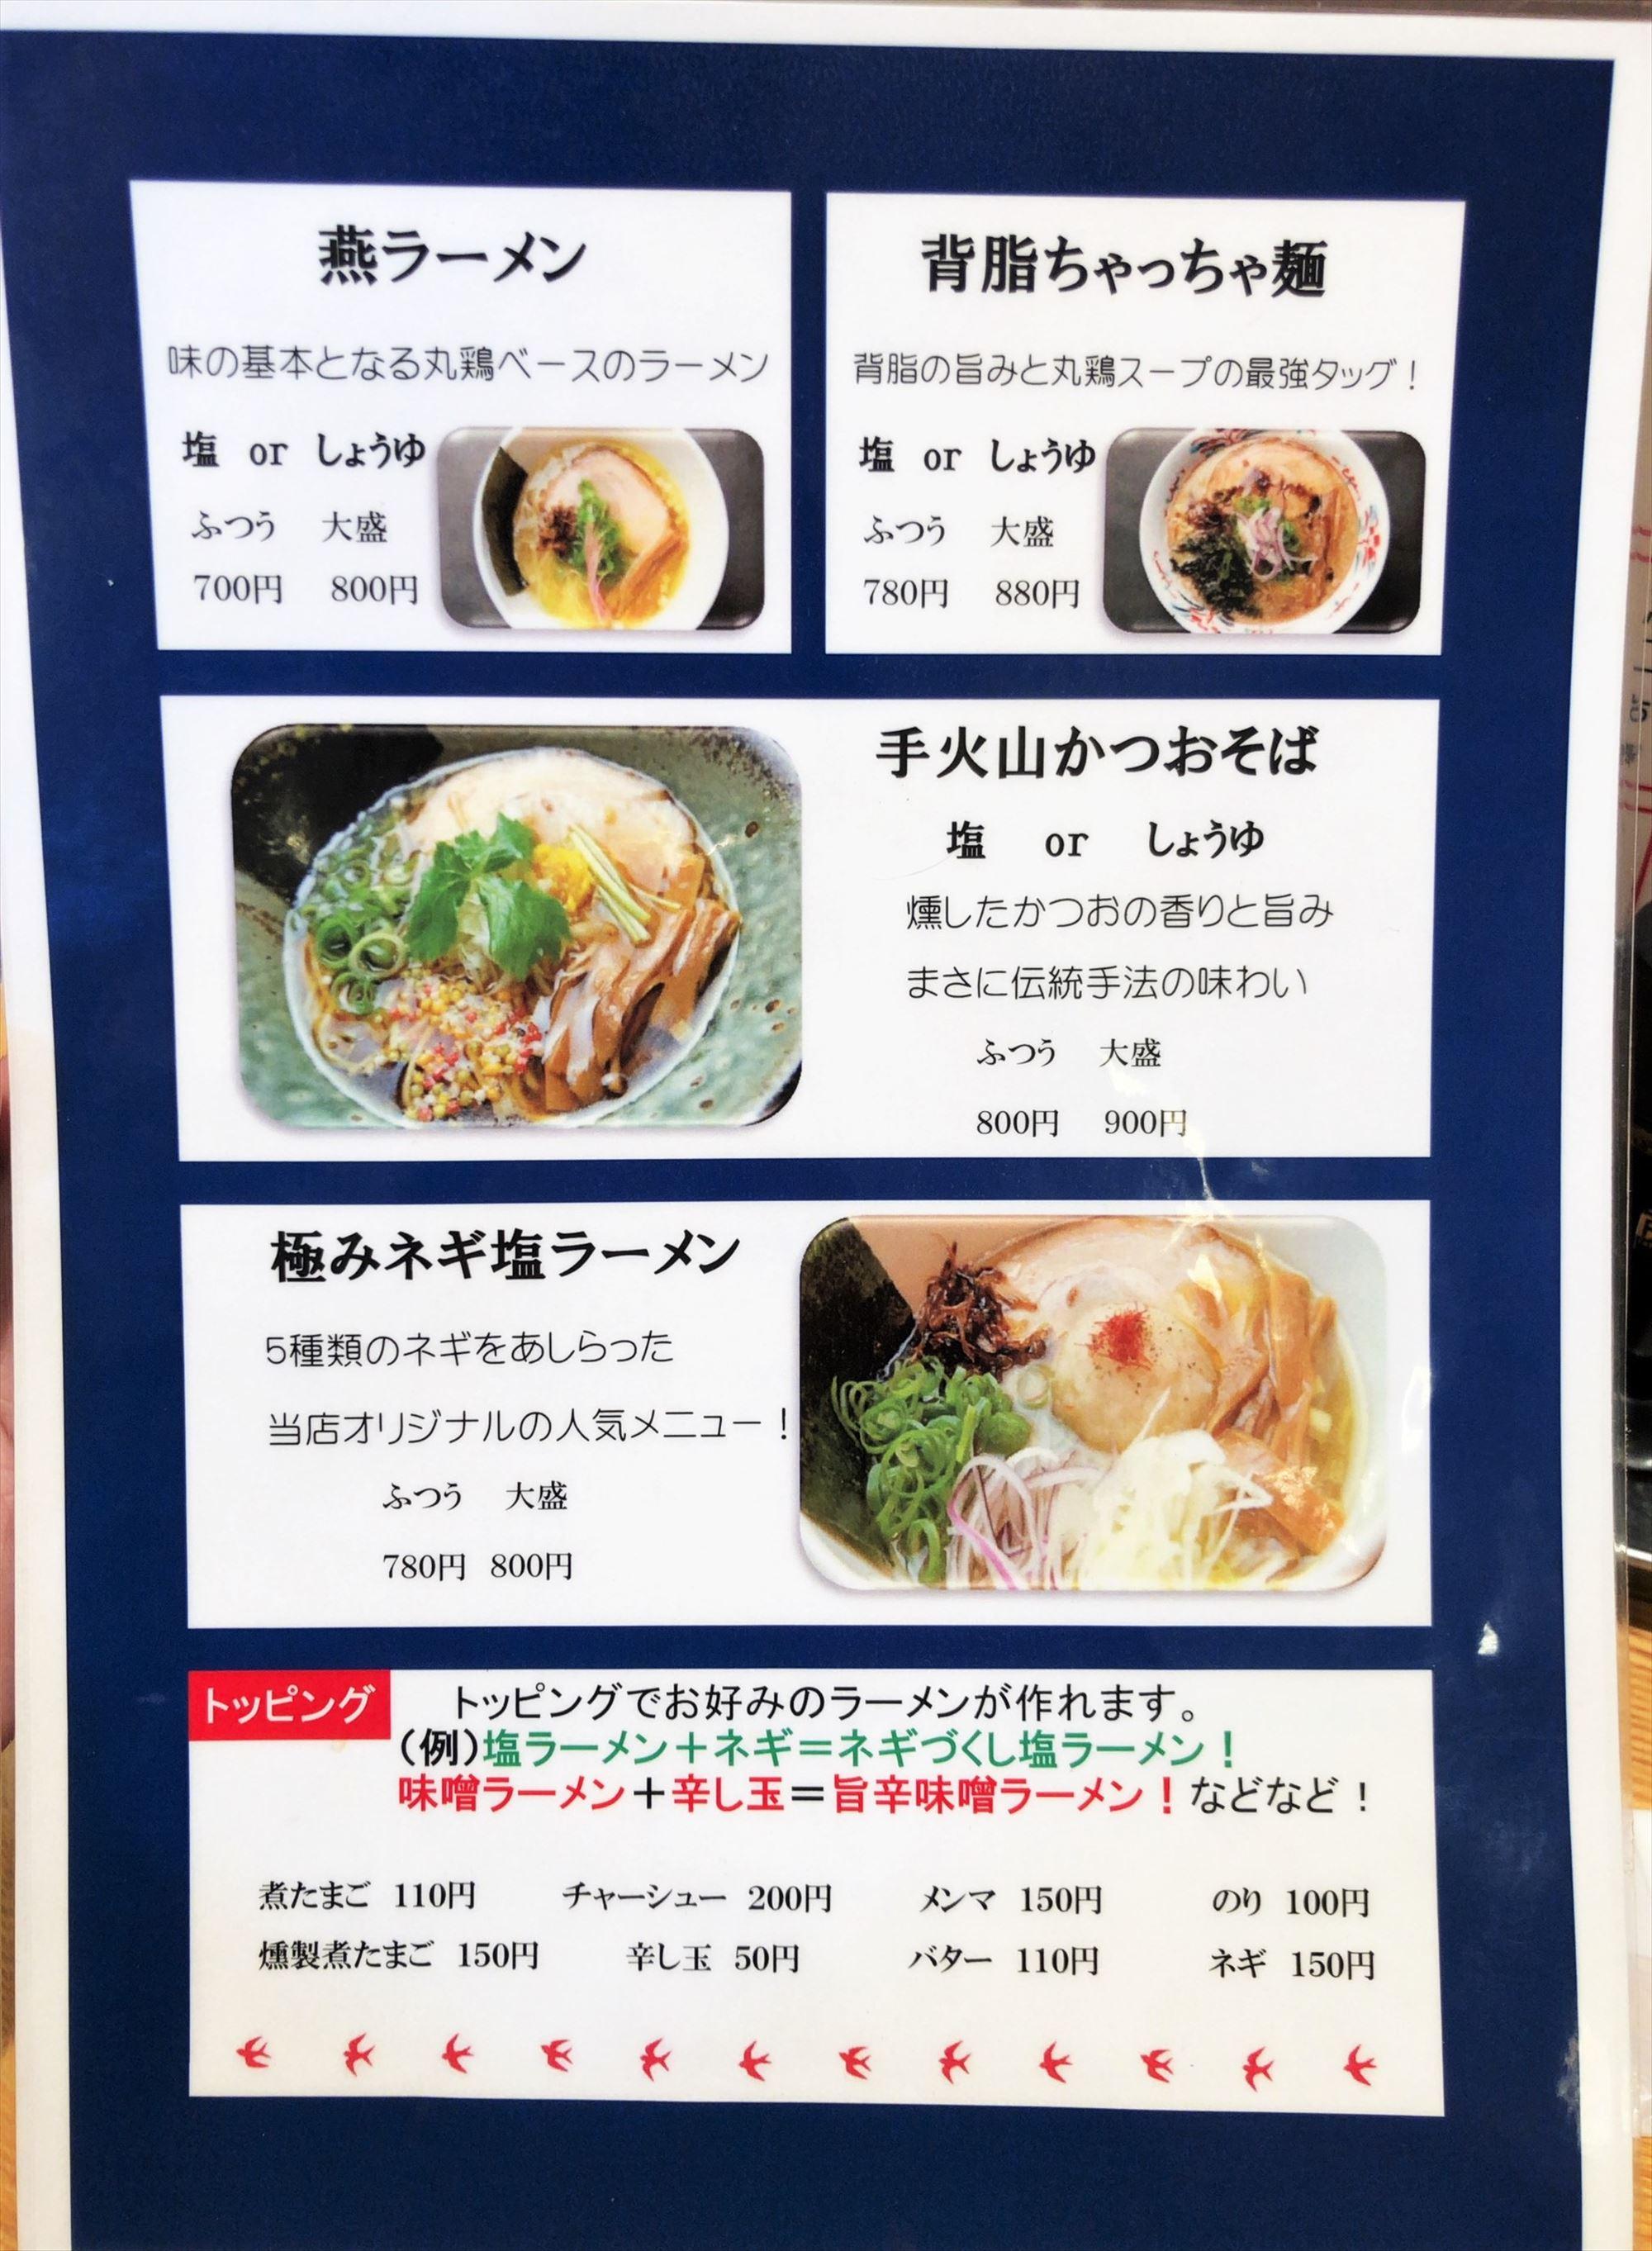 麺屋 燕のメニュー